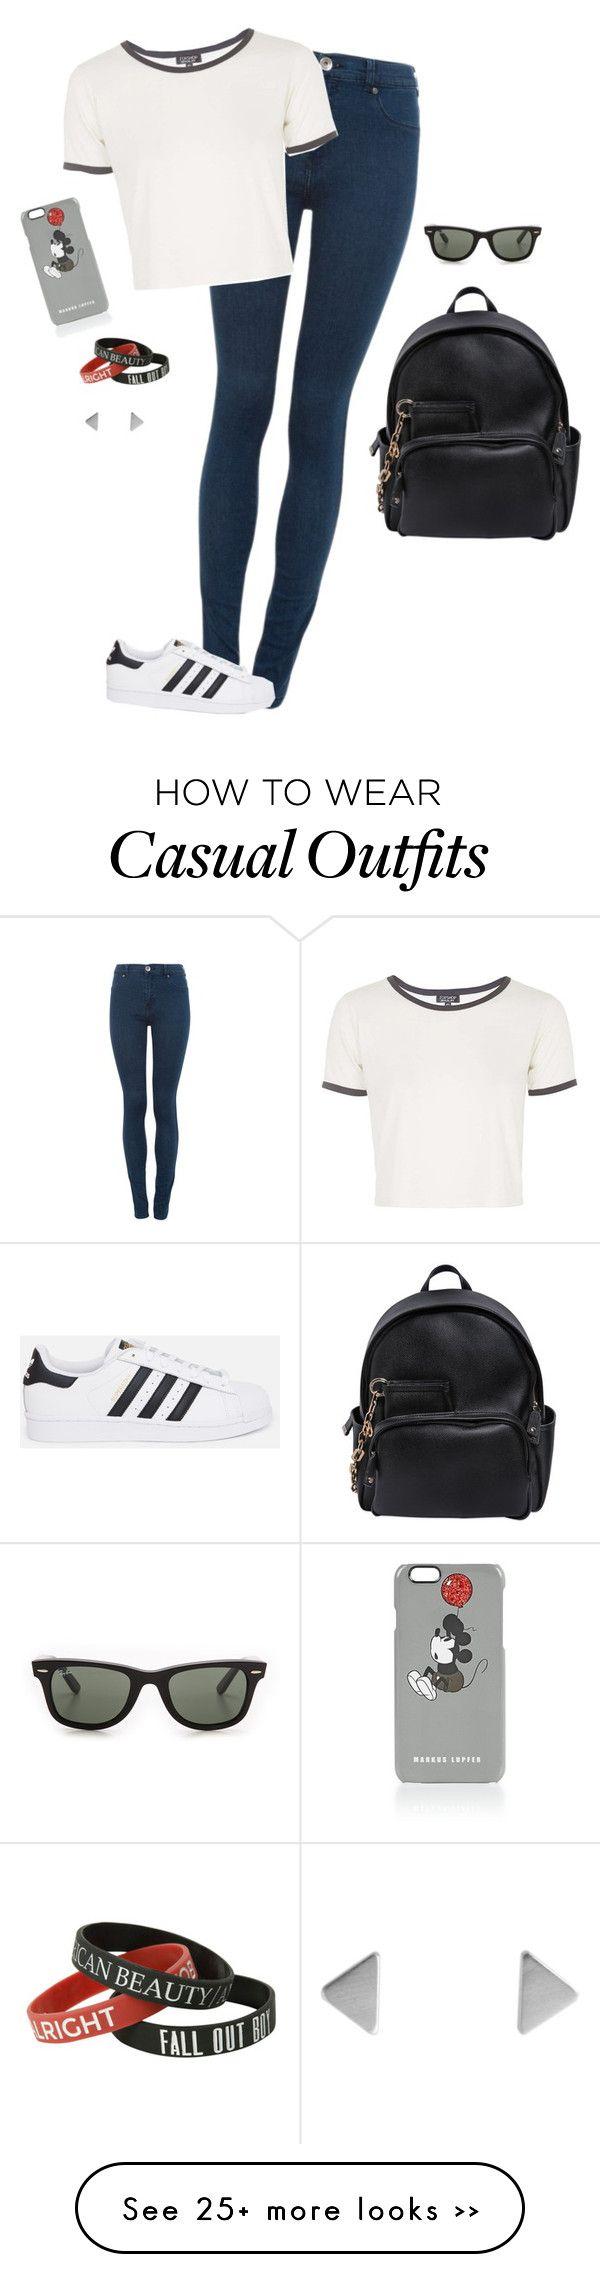 Blusa | Calça Cintura Alta | ,Adidas shoes #adidas #shoes